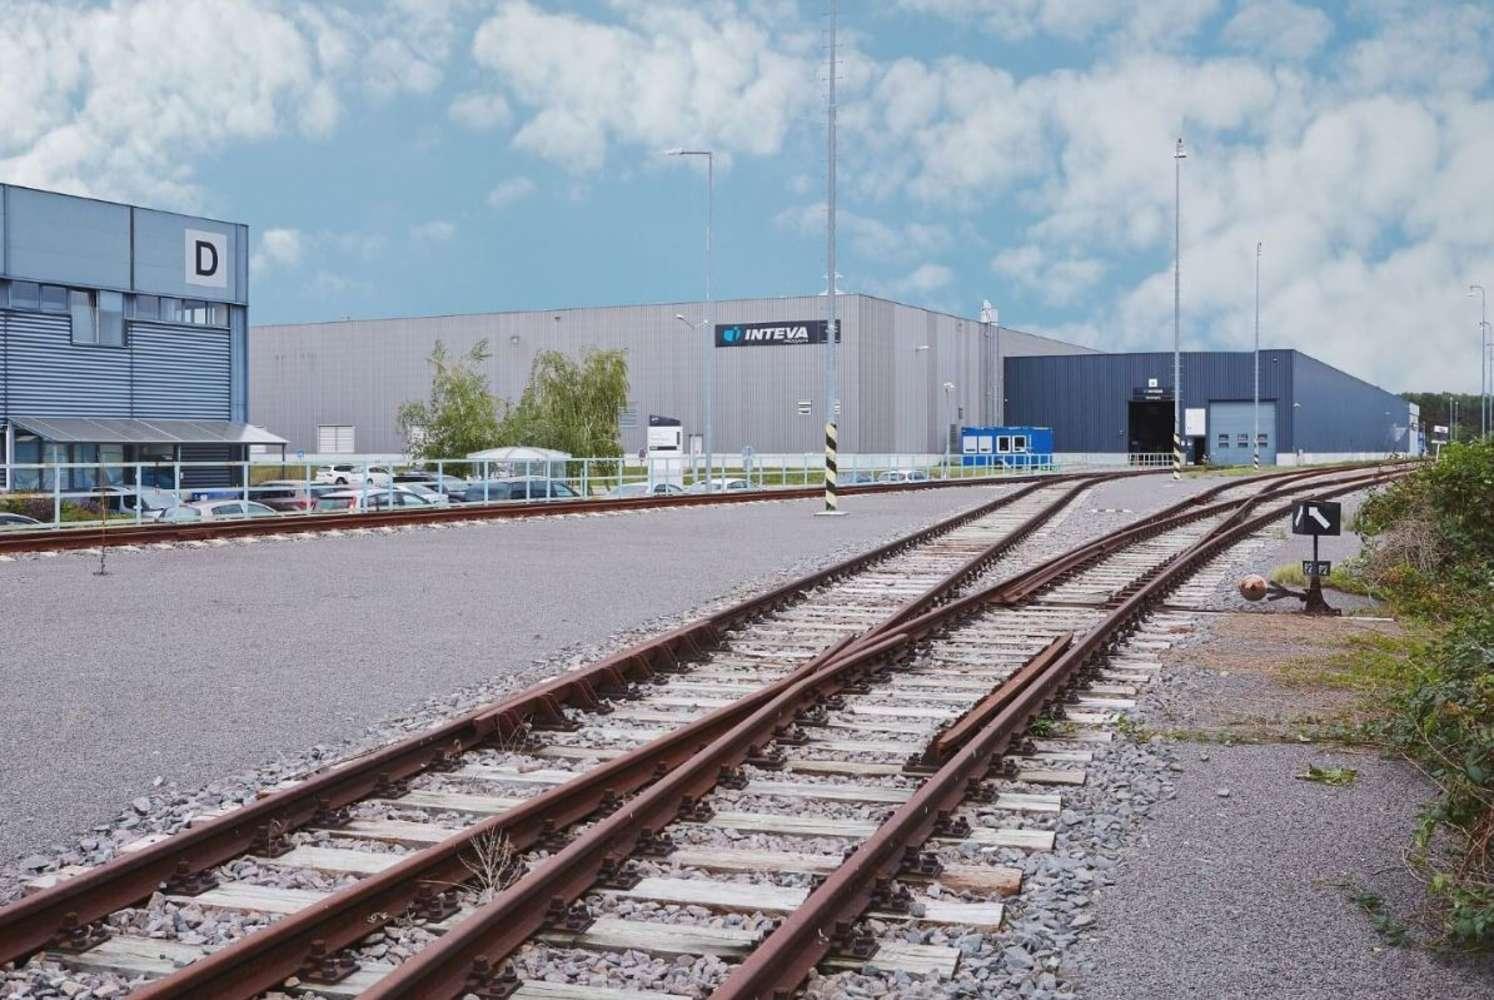 Průmyslové nemovitosti Hrušky (břeclav),  - D2 Logistics Park Břeclav - 9